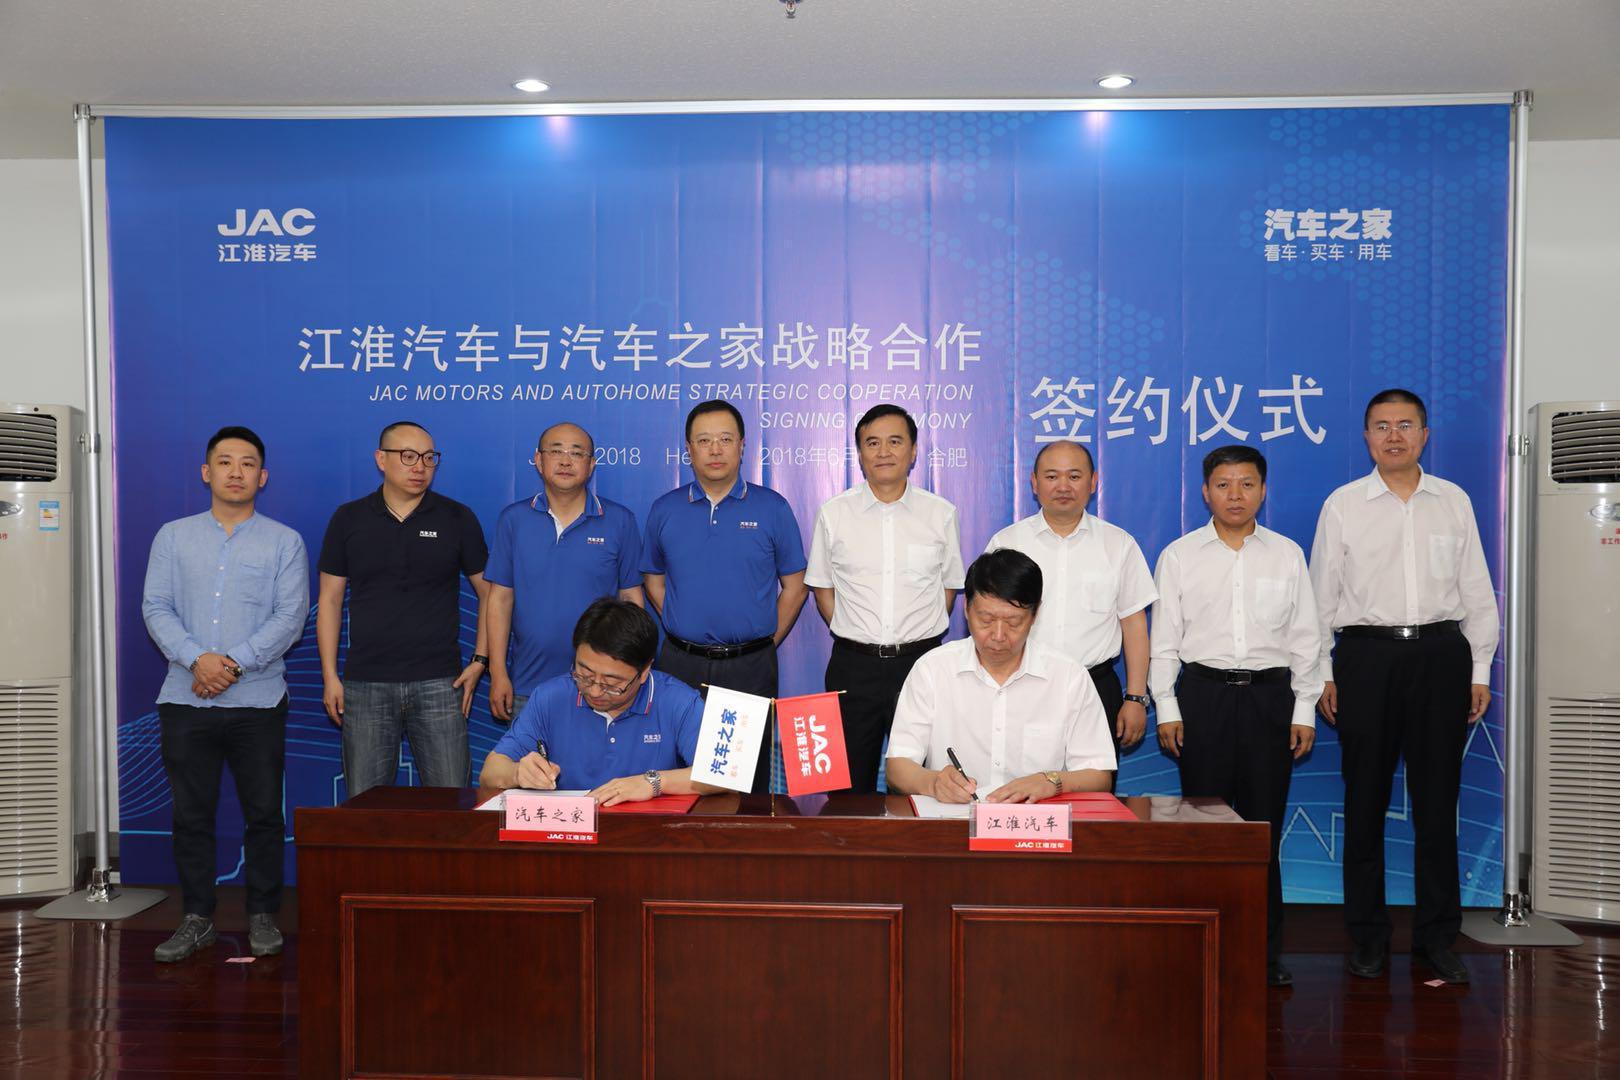 汽车之家与江淮汽车签署战略合作协议